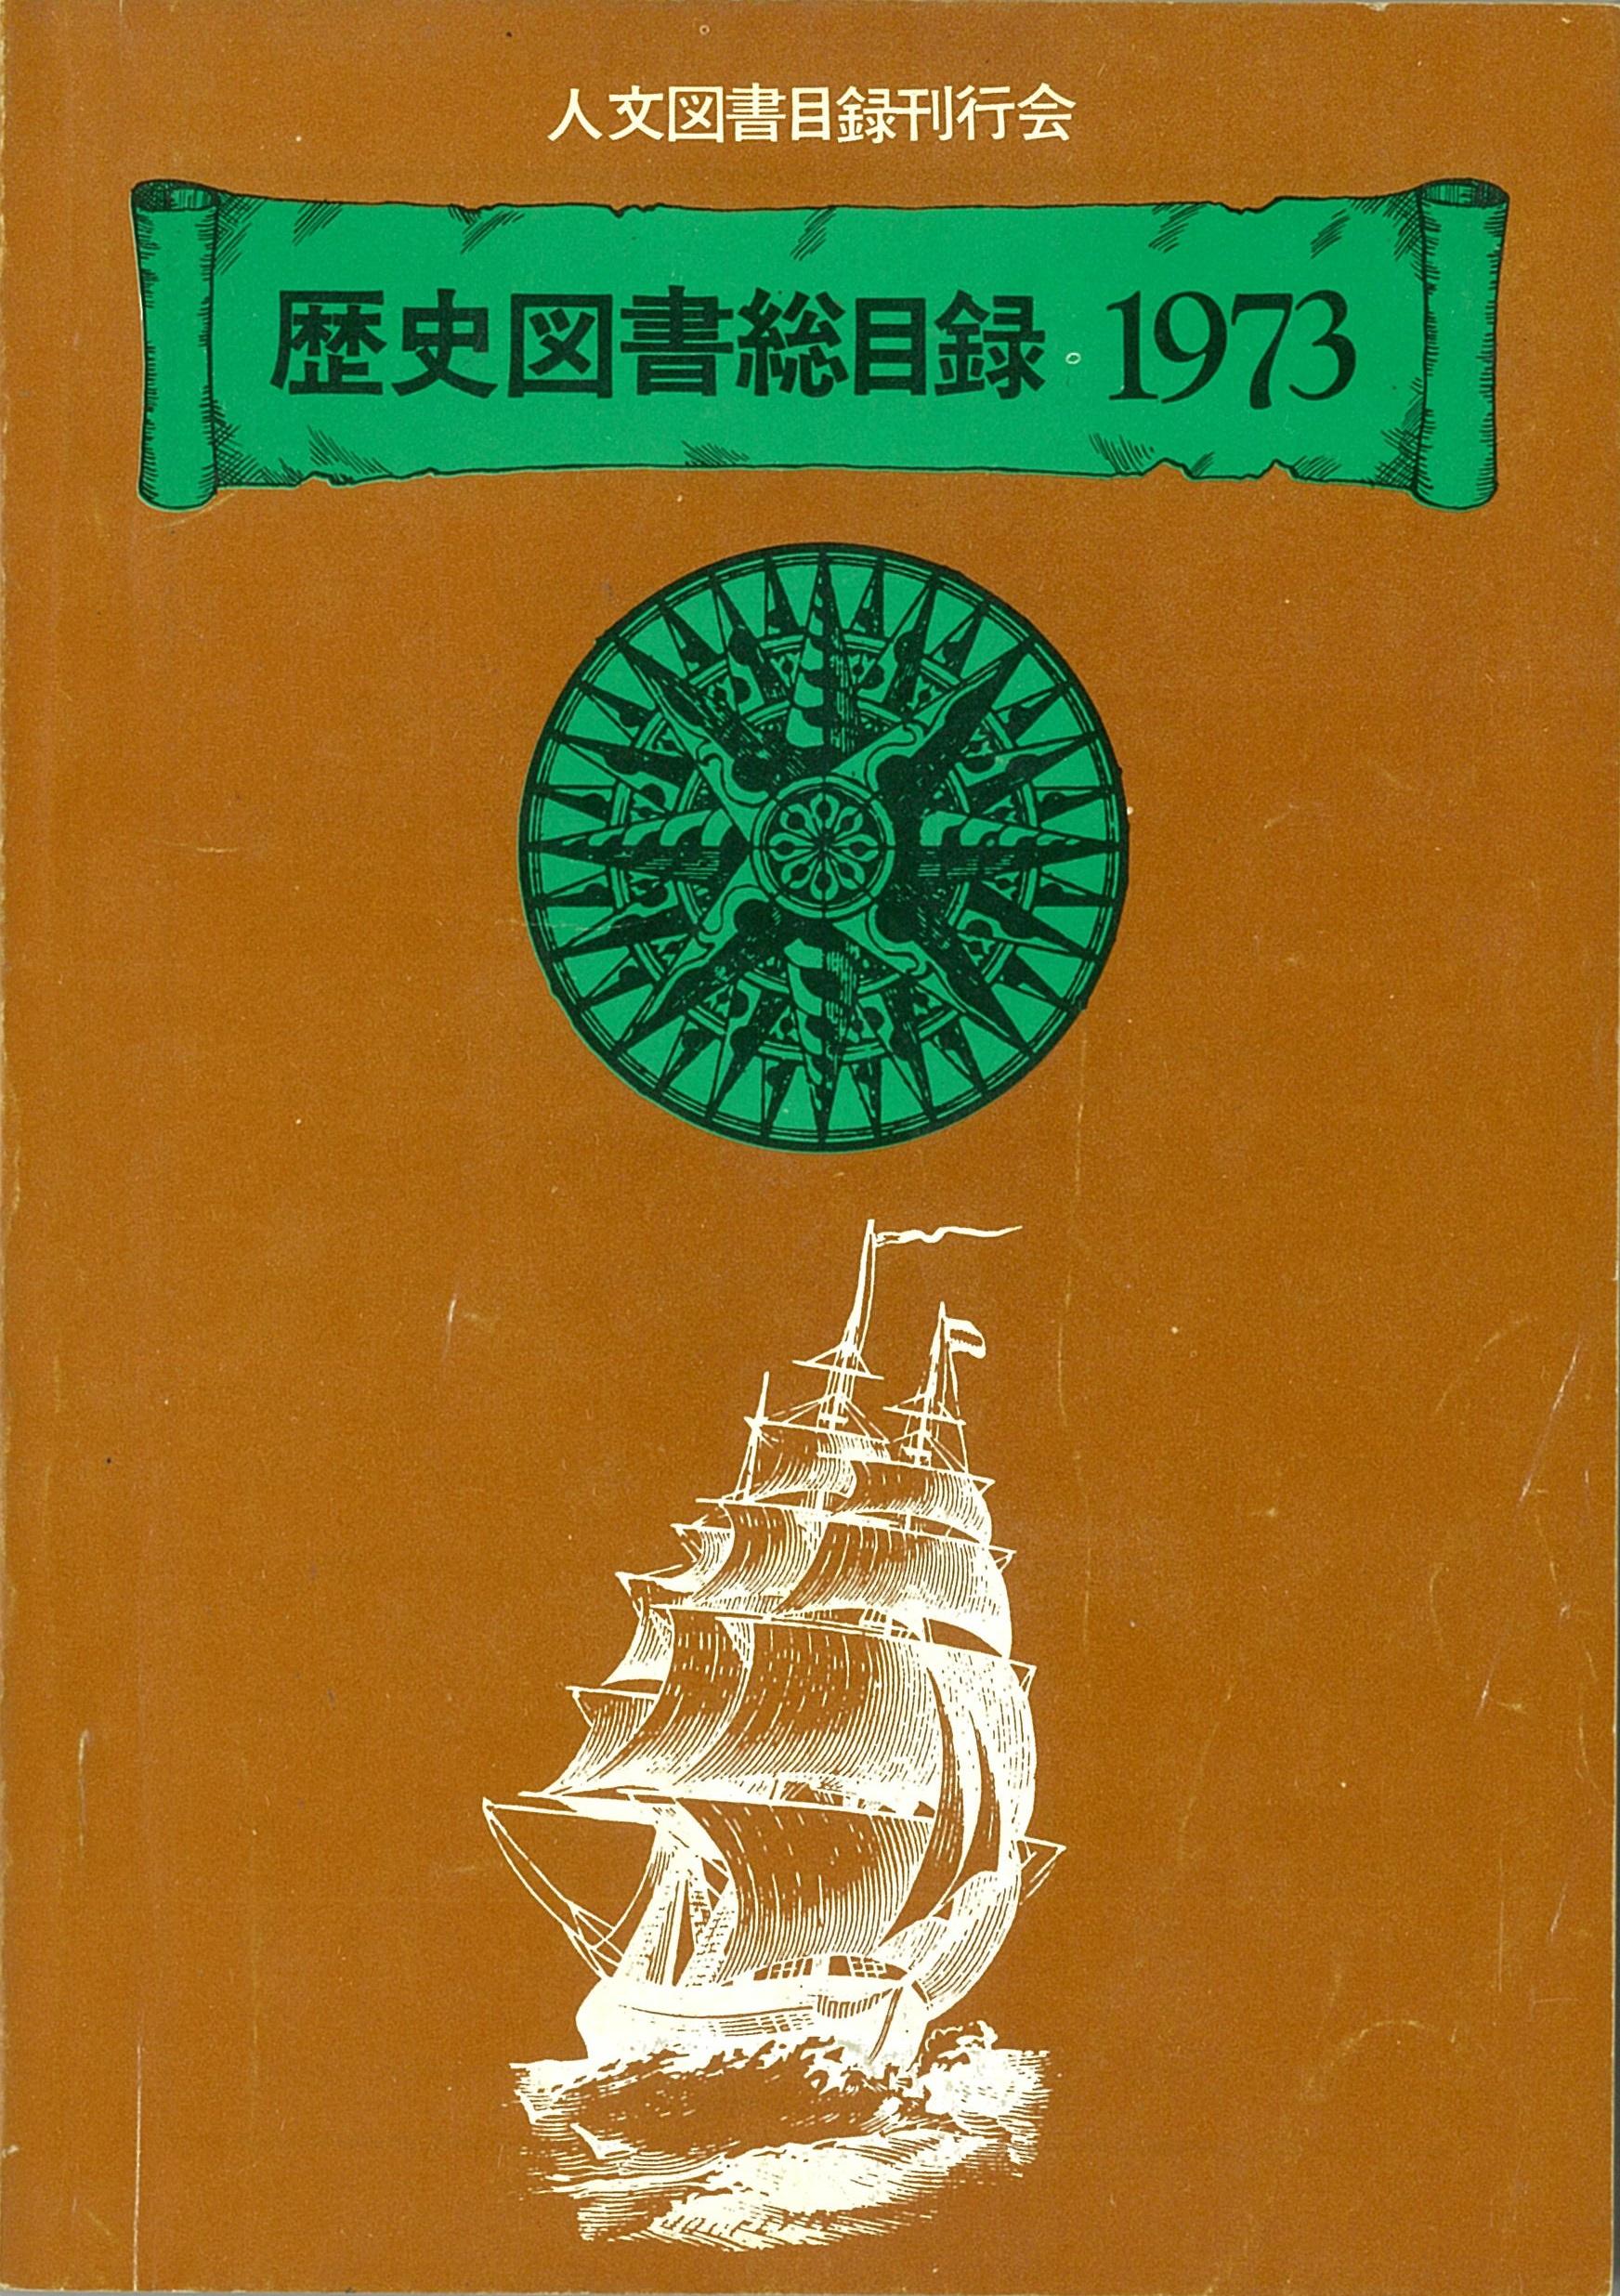 歴史書総目録創刊号1973年度版